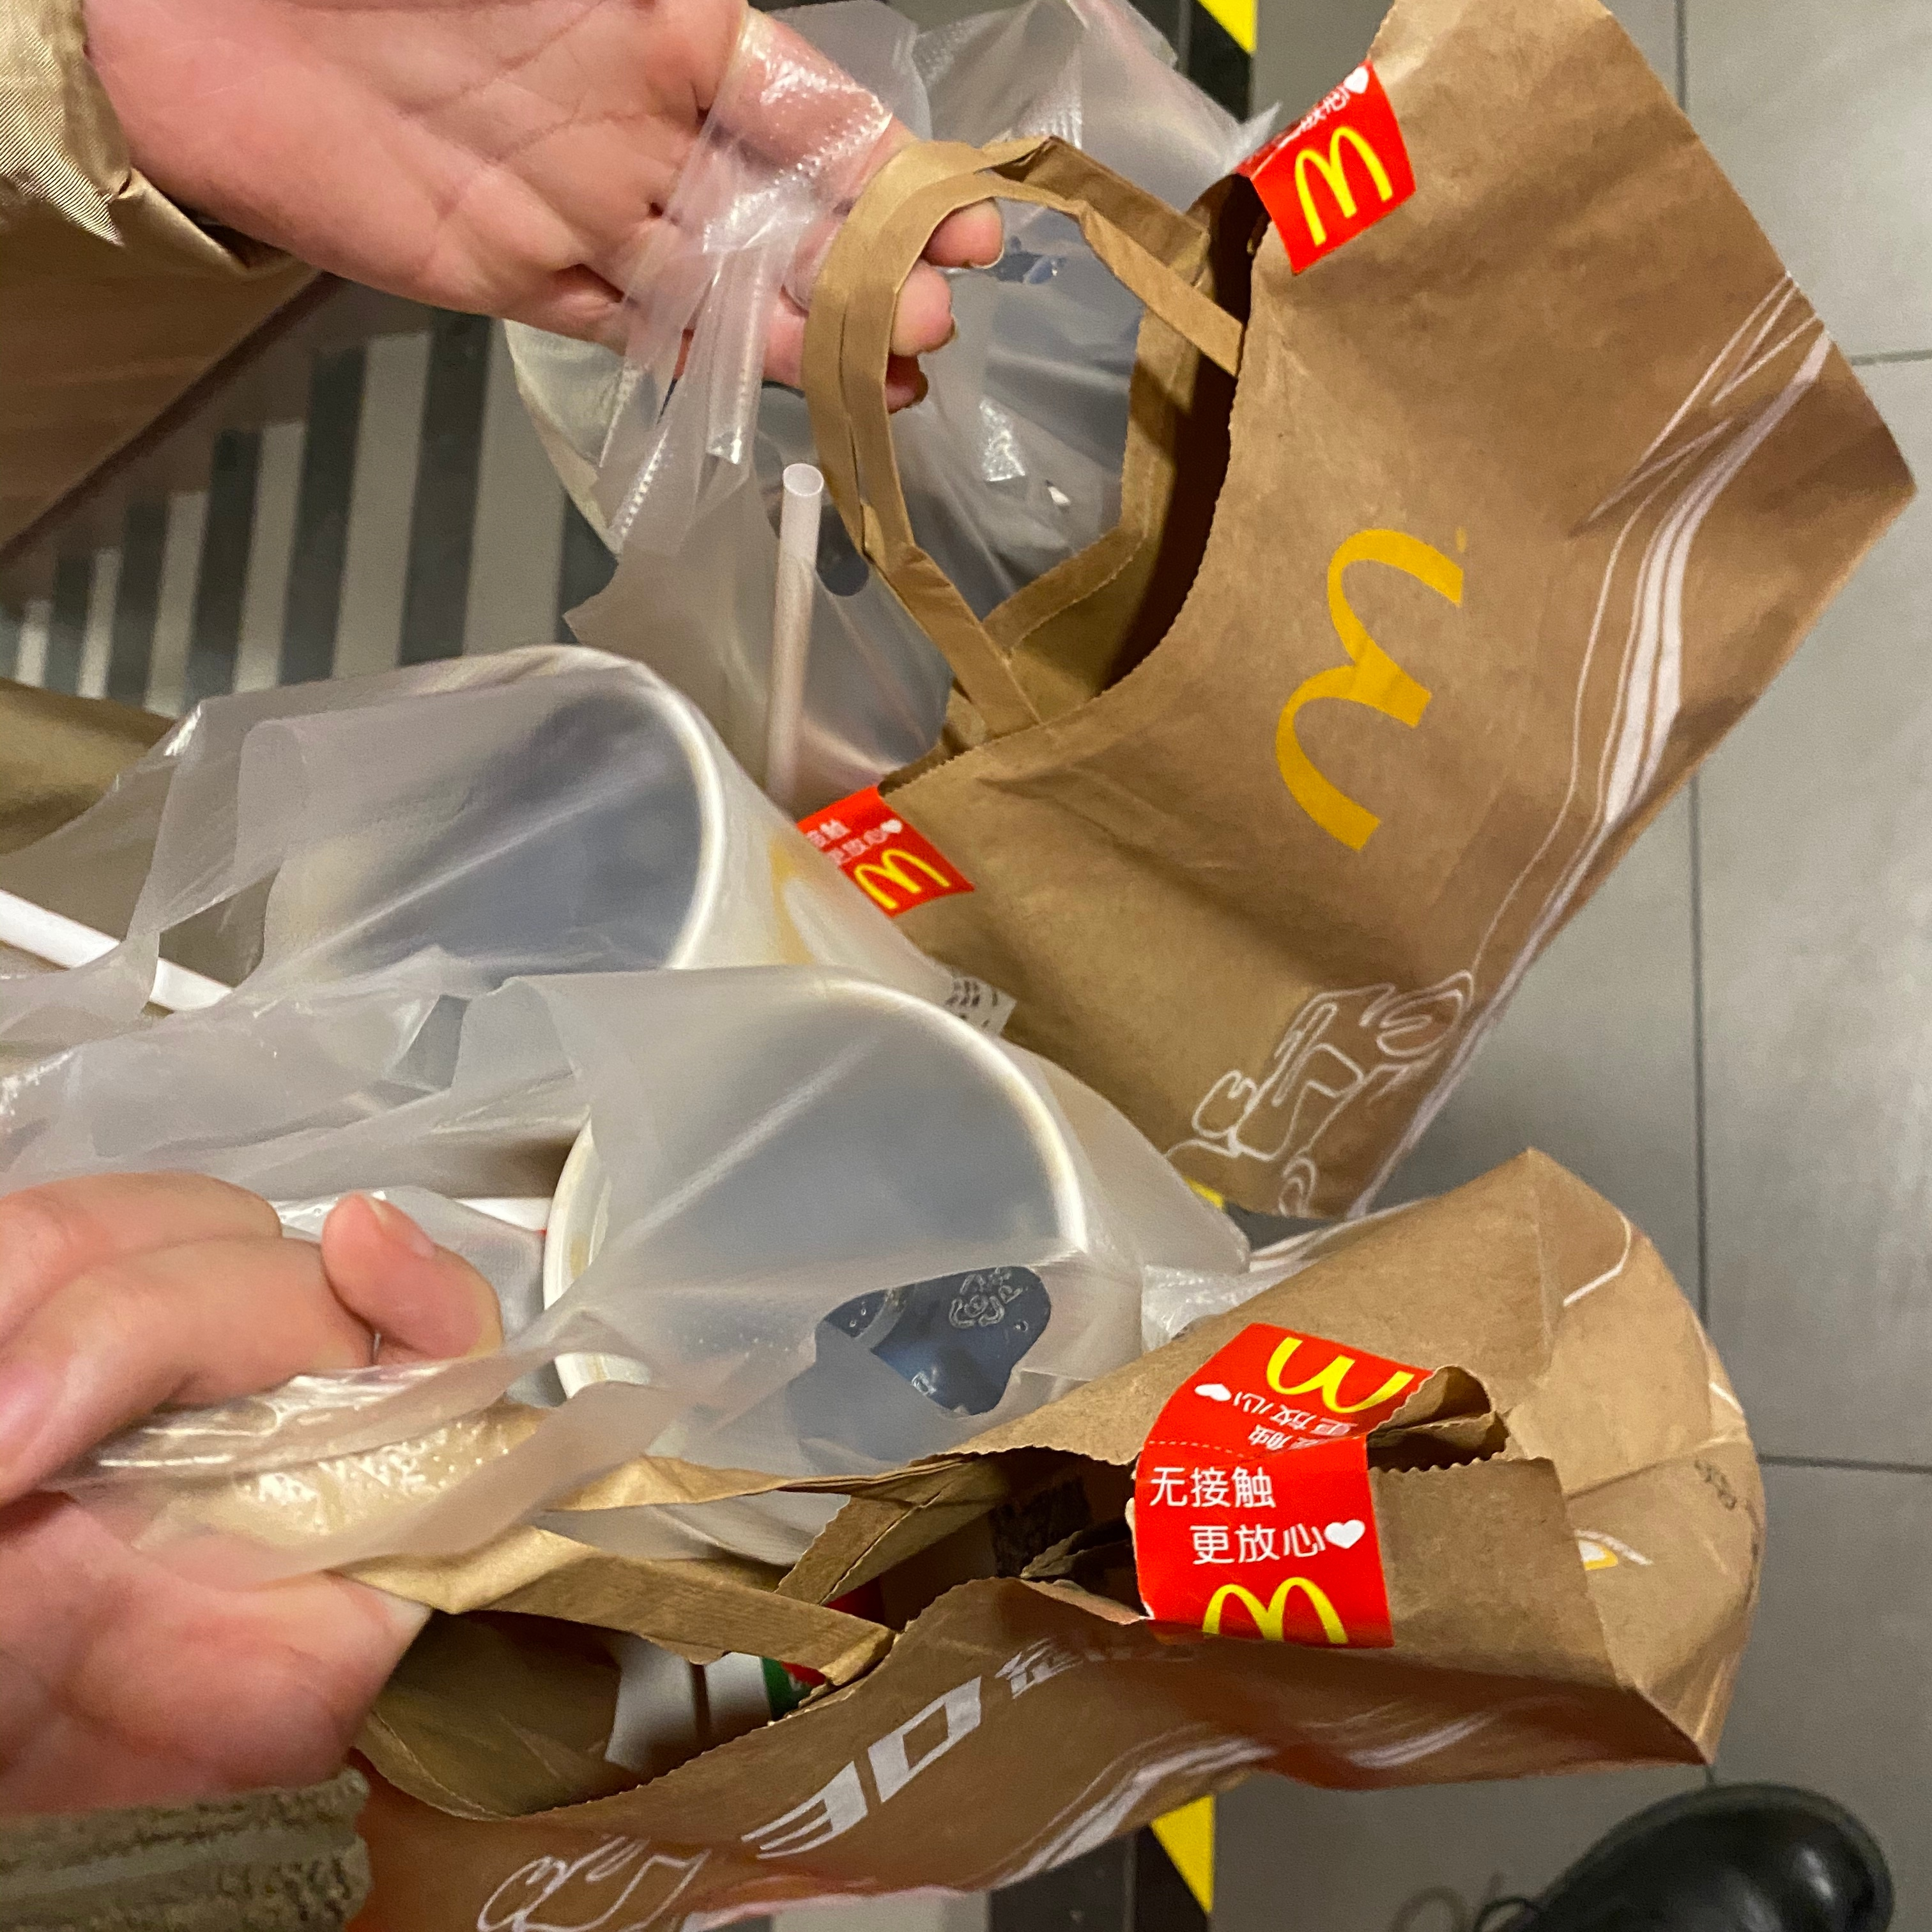 麦当劳半价家有金桶,只需39元图片